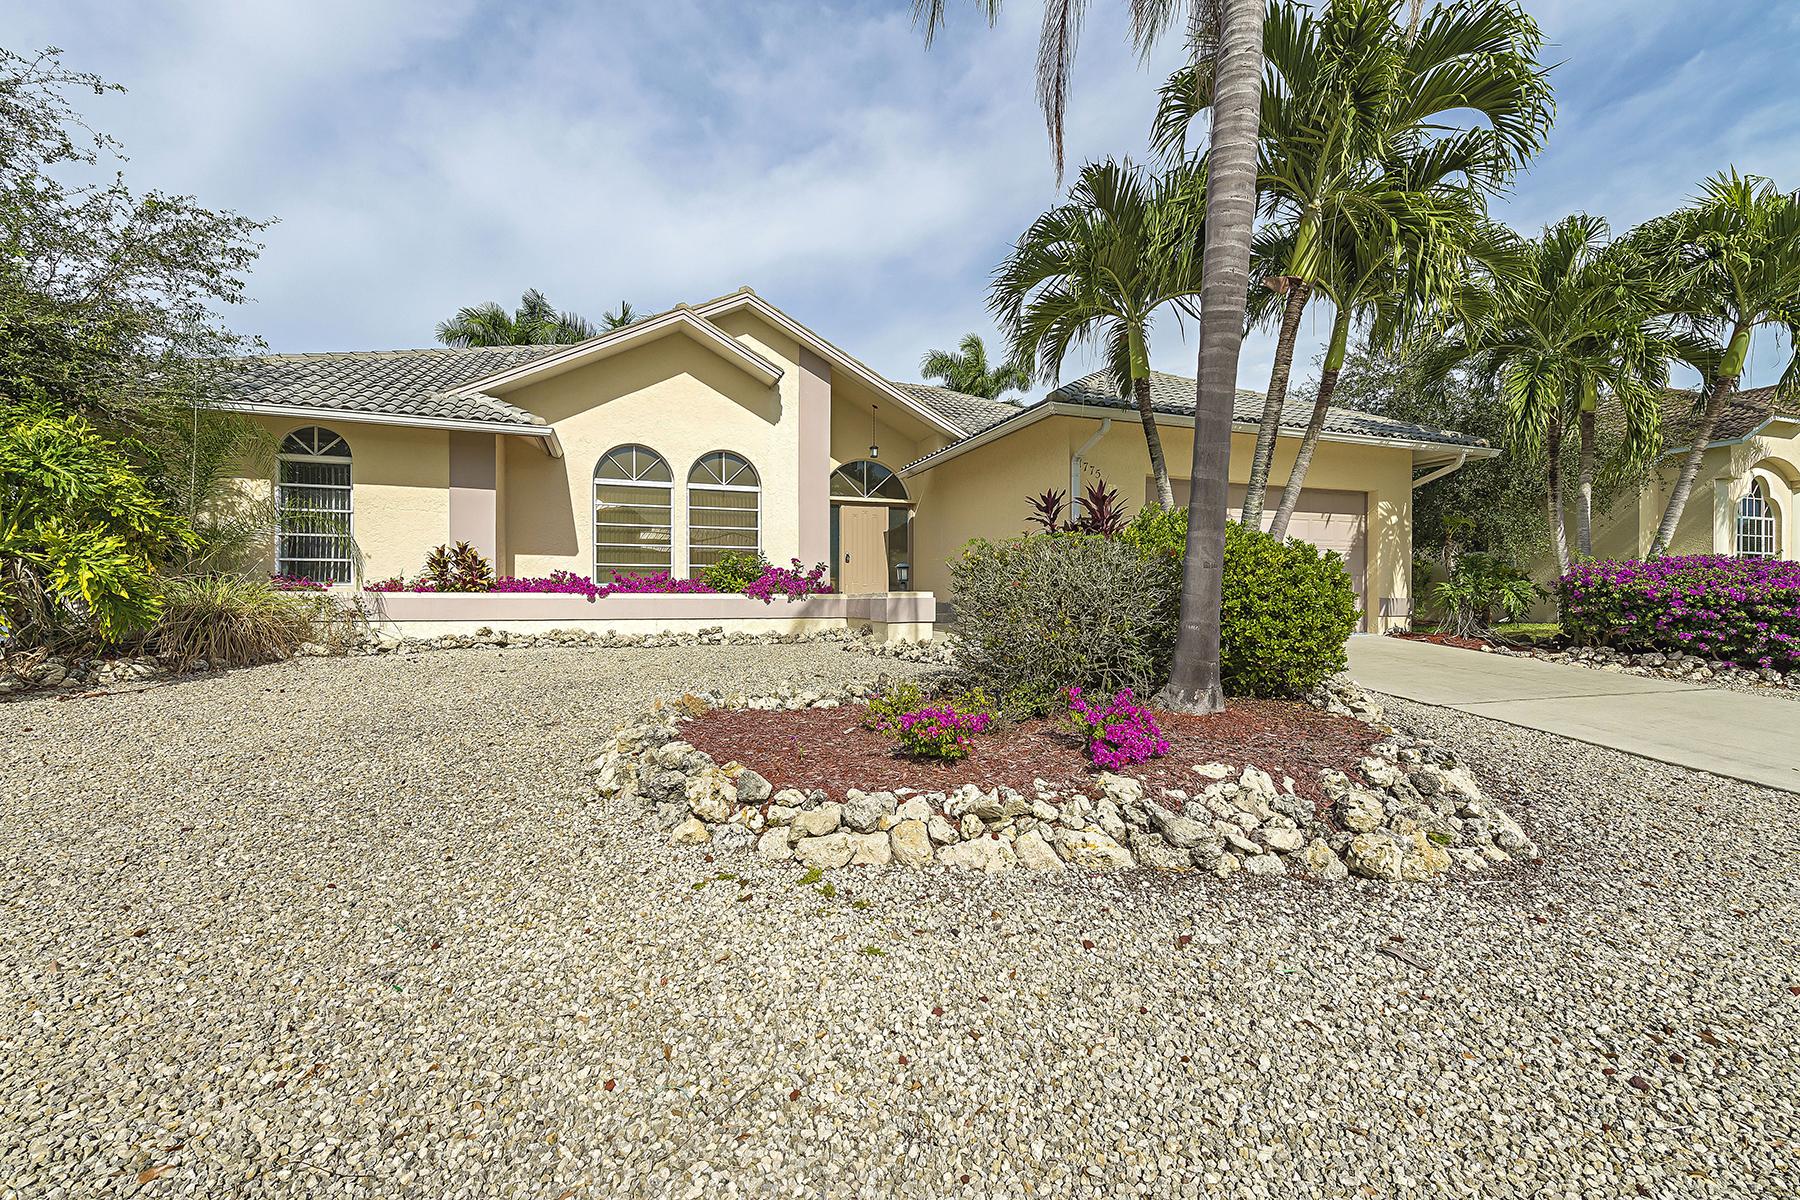 Maison unifamiliale pour l Vente à MARCO ISLAND - WATERFALL CT. 1775 Waterfall Ct Marco Island, Florida, 34145 États-Unis